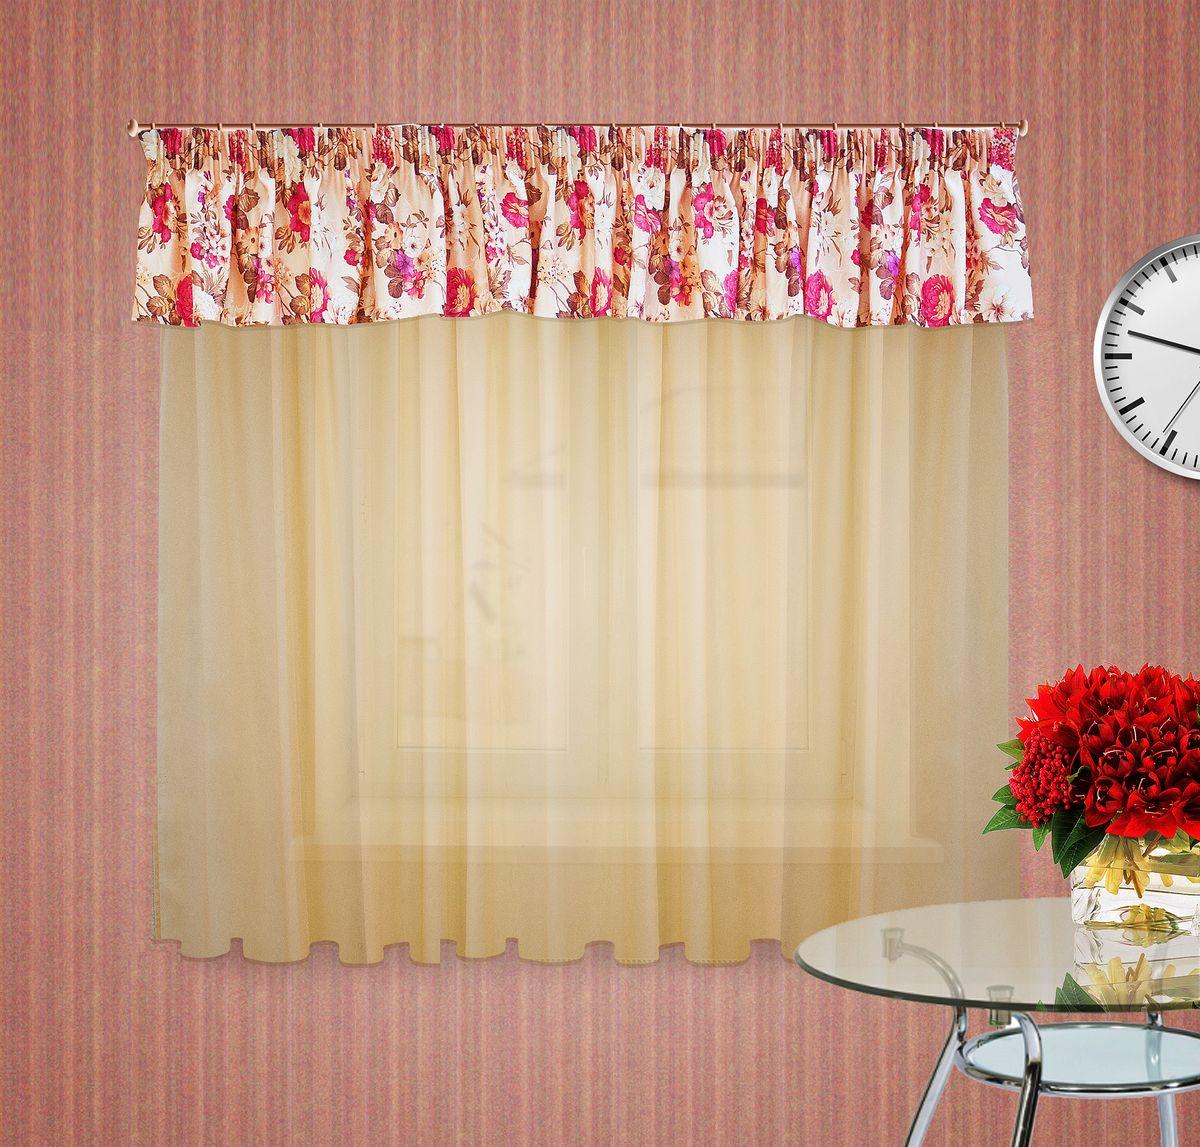 Тюлевое полотно Zlata Korunka. 5555655556Комплект штор на шторной ленте , Ламбрекен : 400*50см 1шт, ткань печатный сатен с орнаментом крупного цветка, Тюлевое полотно из вуали цвет: светлый беж размером: 300*180